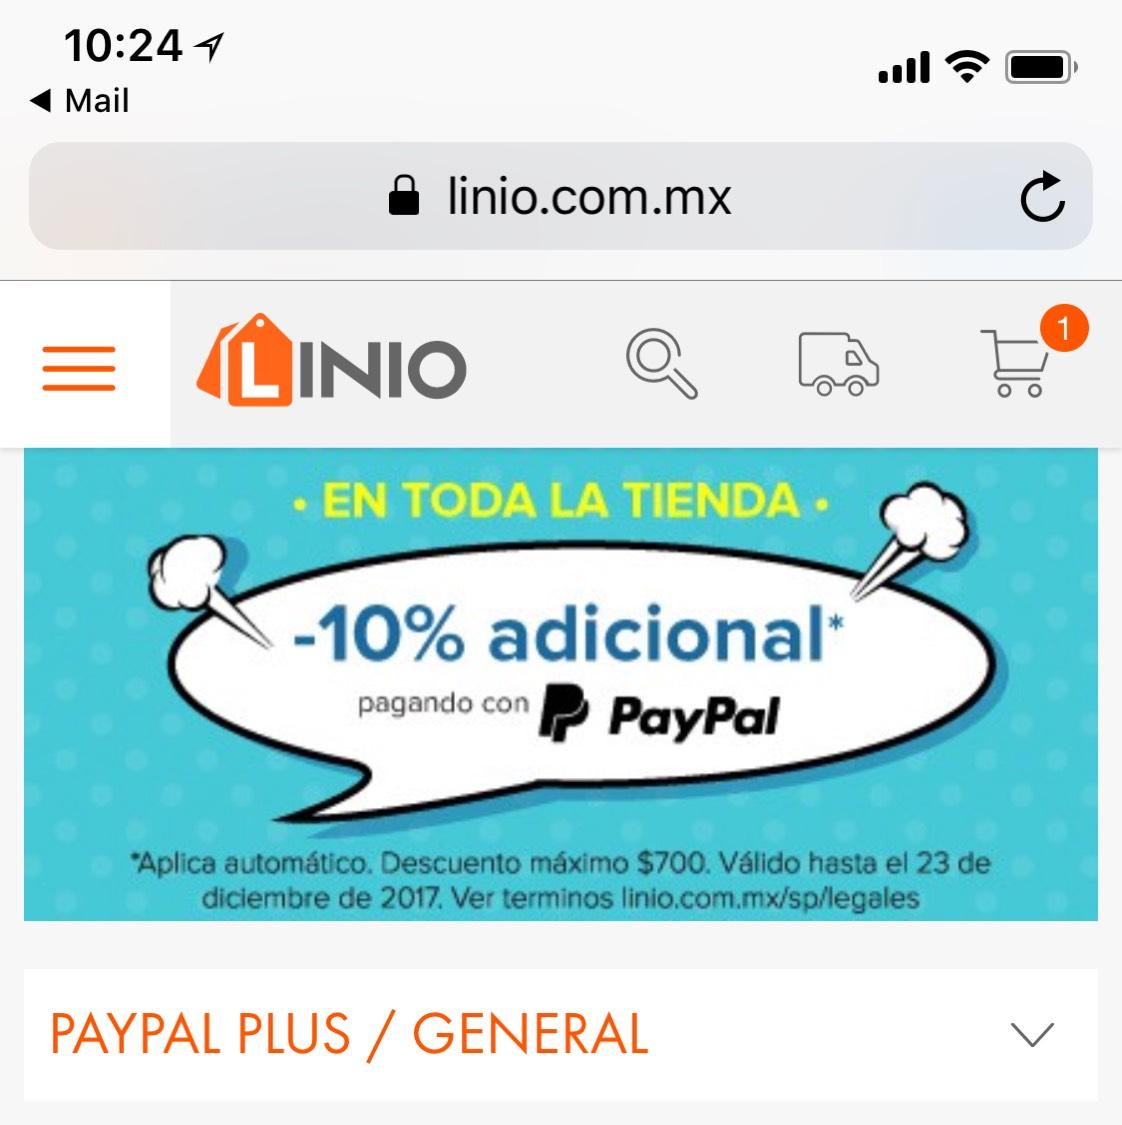 Linio: 10% de descuento adicional pagando con PayPal. descuento máximo $700